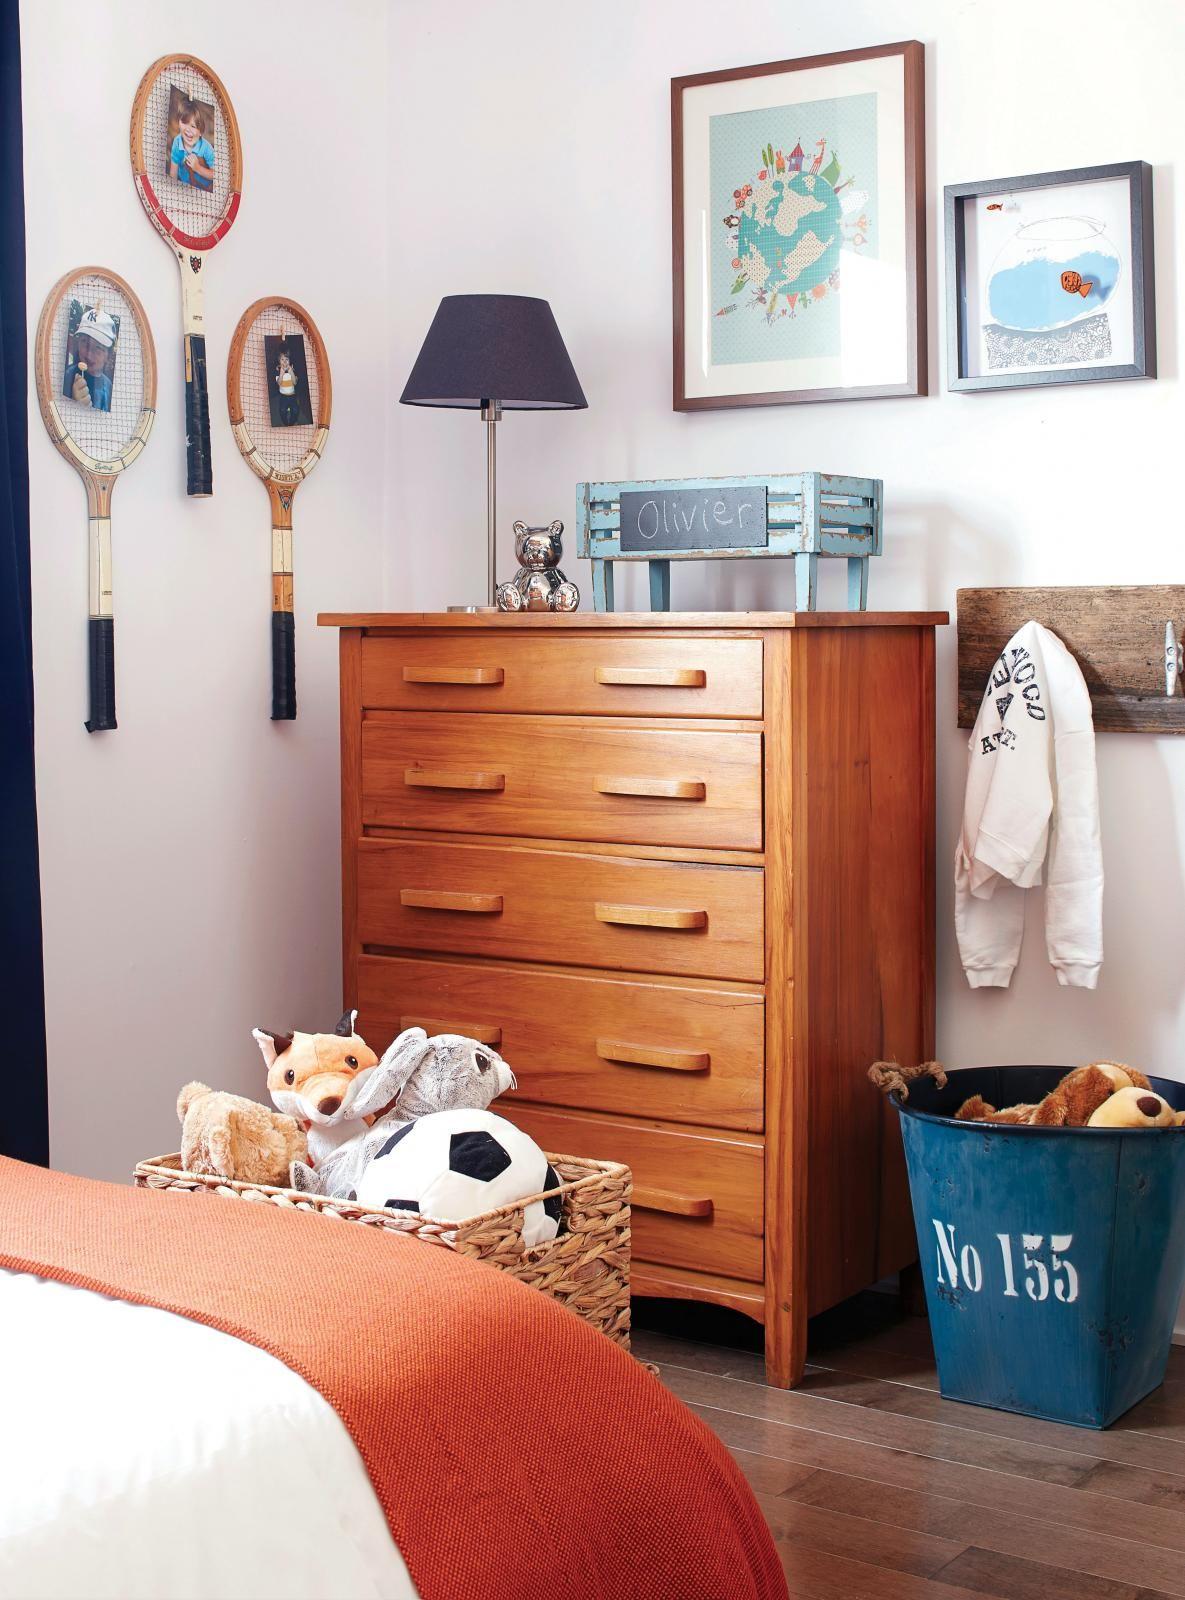 Déco week-end: Chambre à rayures! | Les idées de ma maison © TVA Publications | Photo: Yves Lefebvre #deco #chambre #enfant #couleurs #peinture #bois #accessoires #cadre